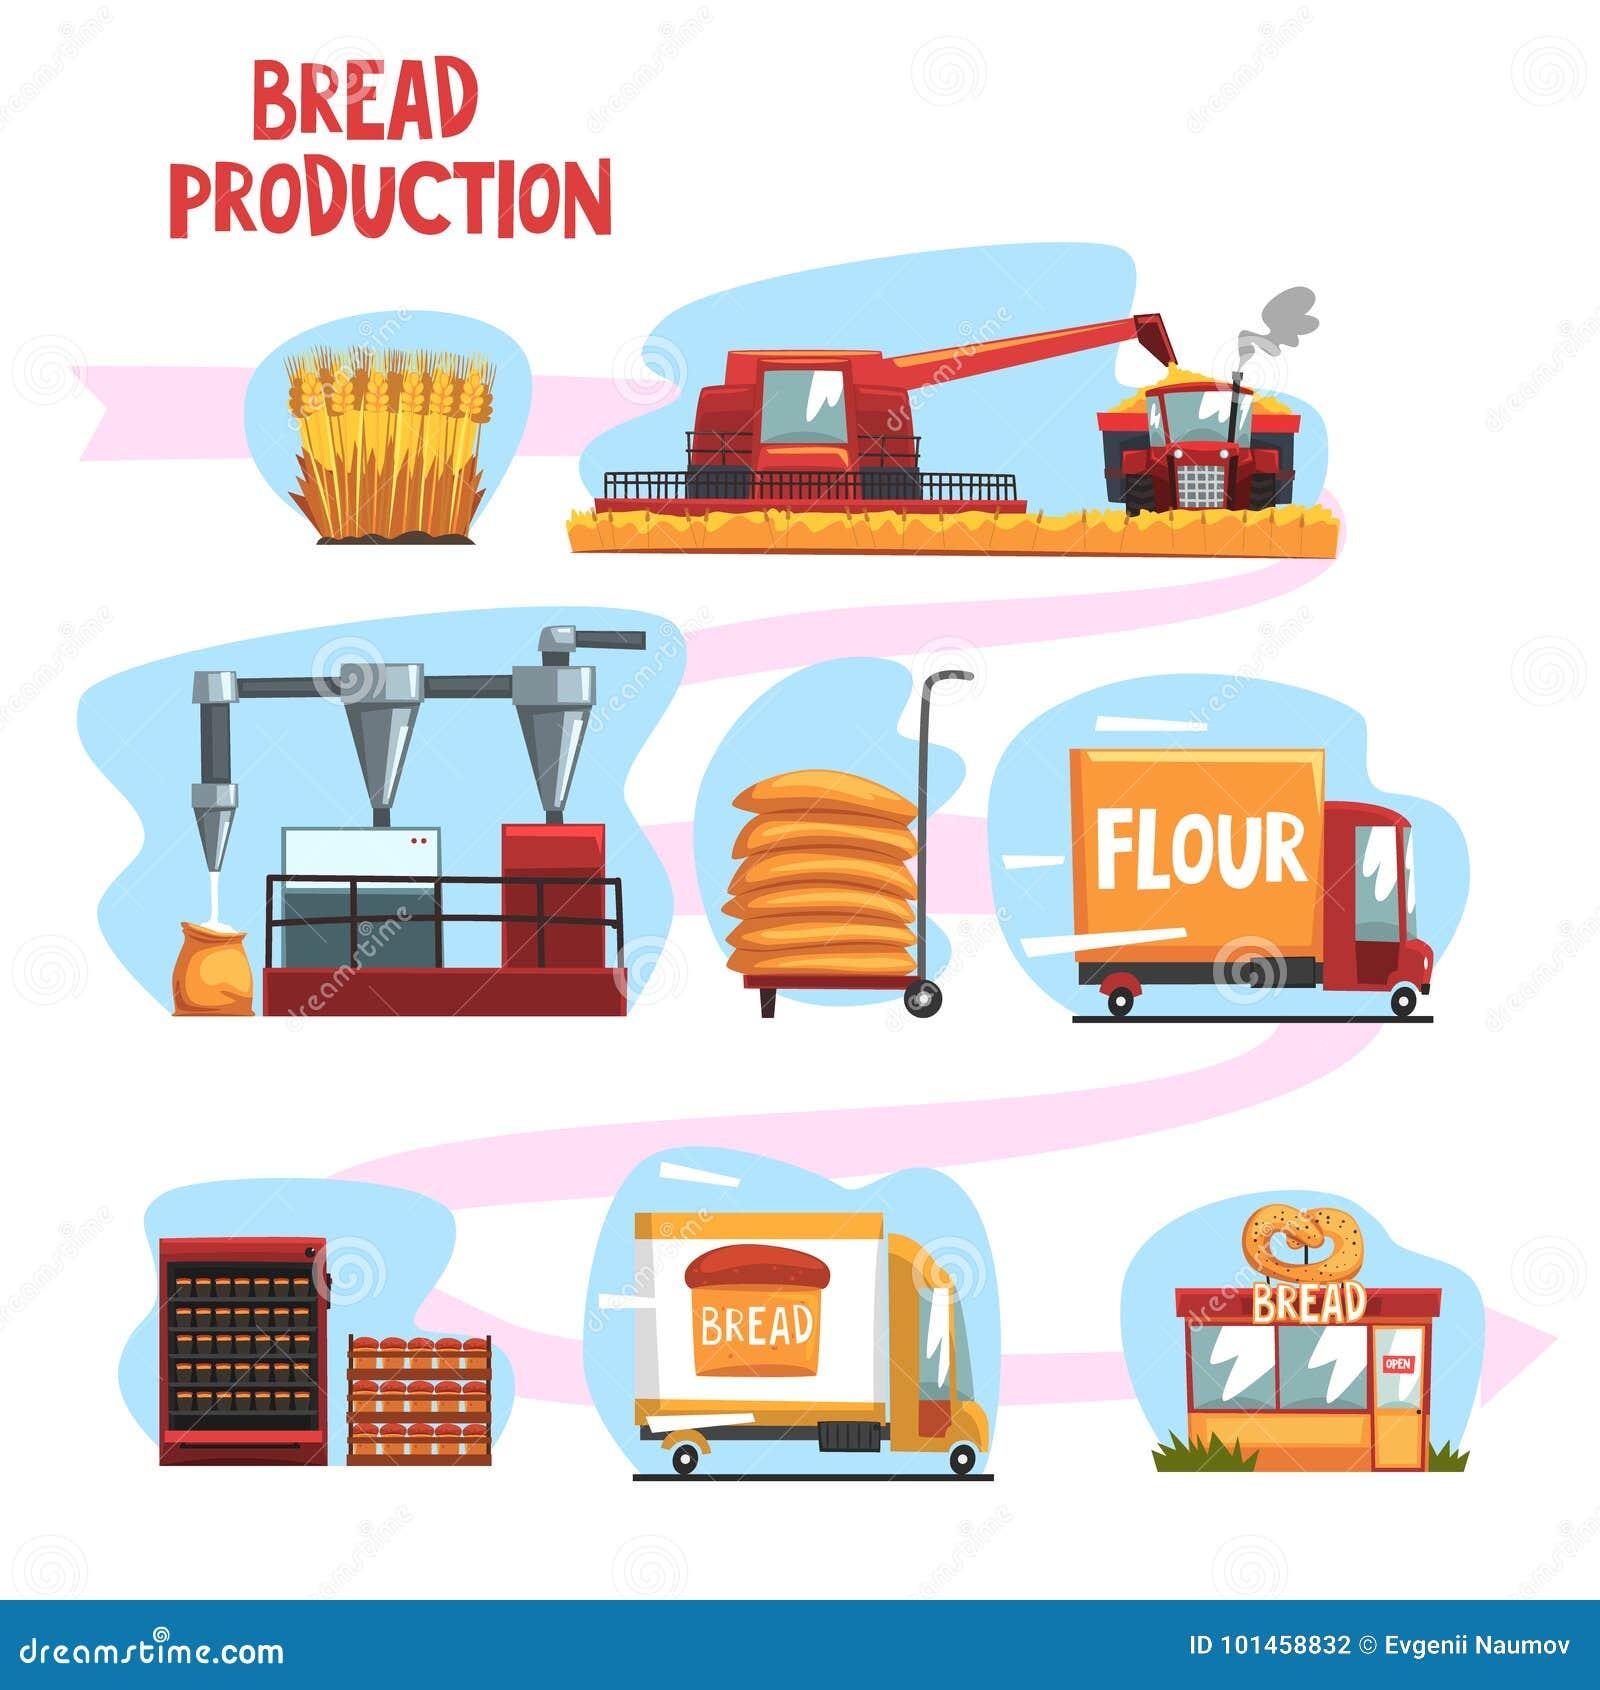 Παραγωγή του ψωμιού από τη συγκομιδή σίτου στο πρόσφατα ψημένο ψωμί στο σύνολο καταστημάτων διανυσματικών απεικονίσεων κινούμενων